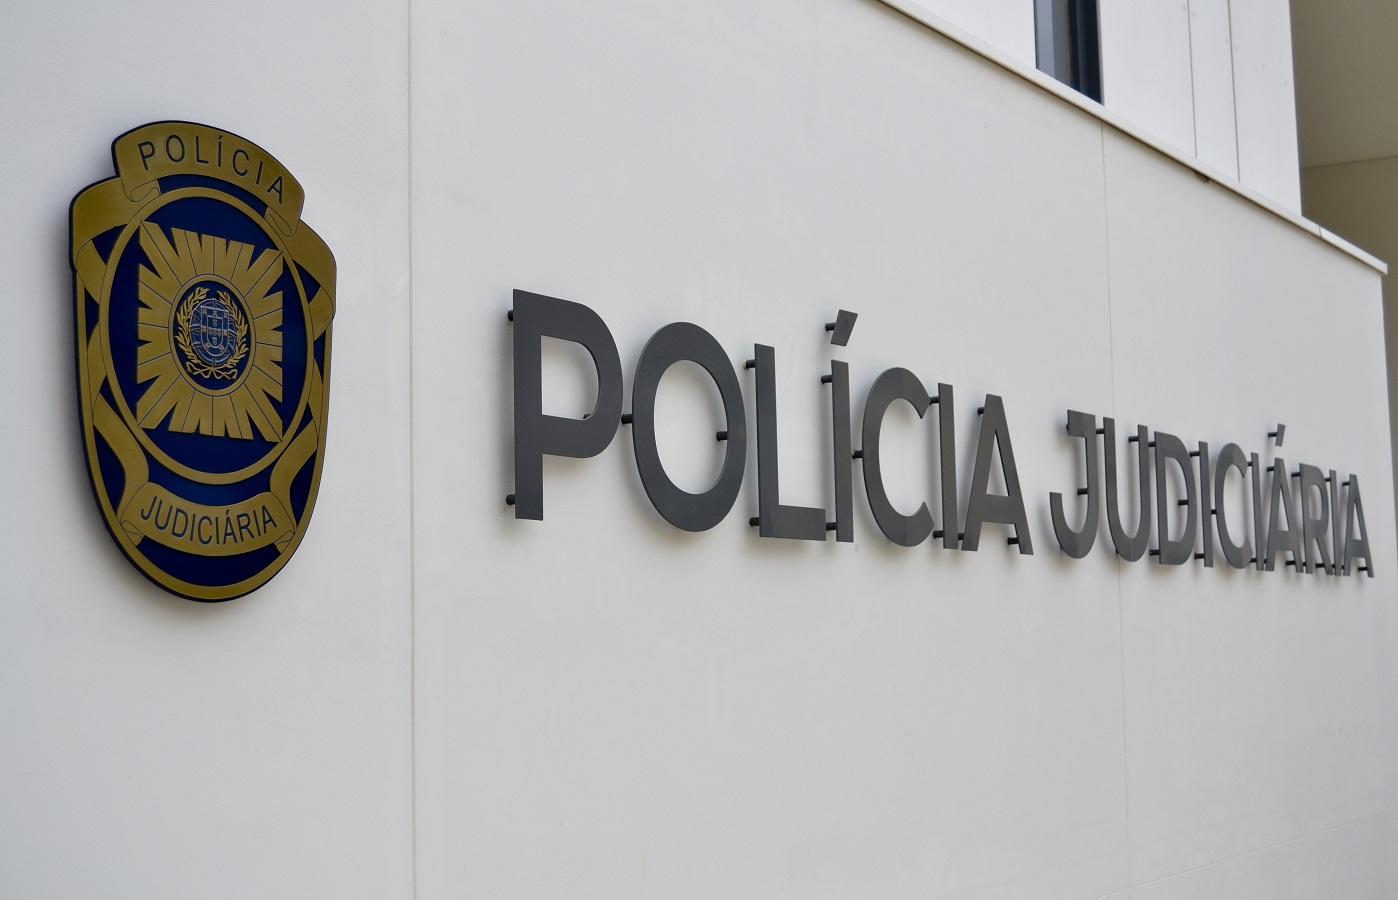 Homem de 51 anos detido em Valença por suspeita de ter ateado um incêndio